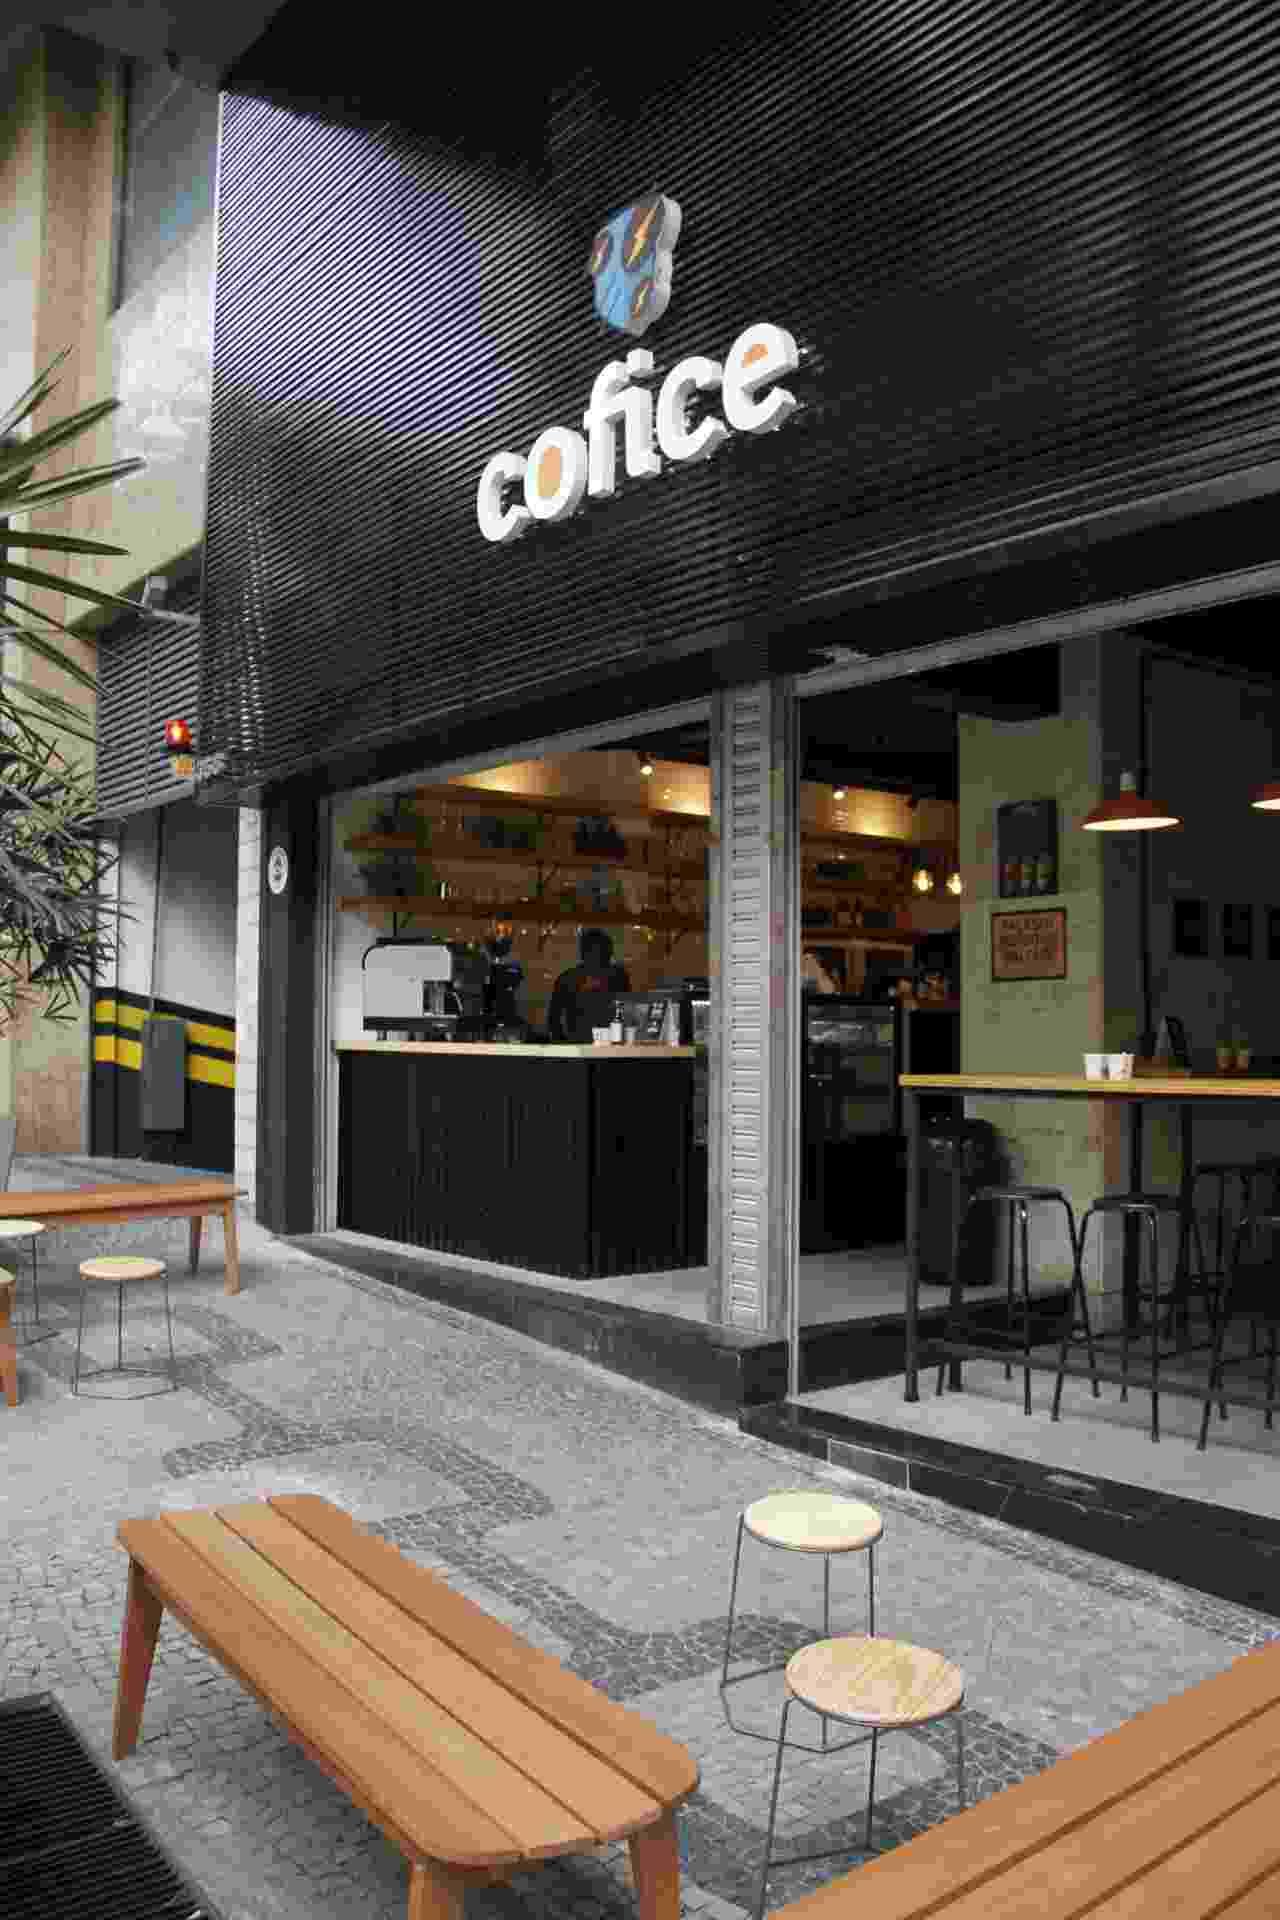 Cofice, cafeteria coworking de Belo Horizonte - Divulgação